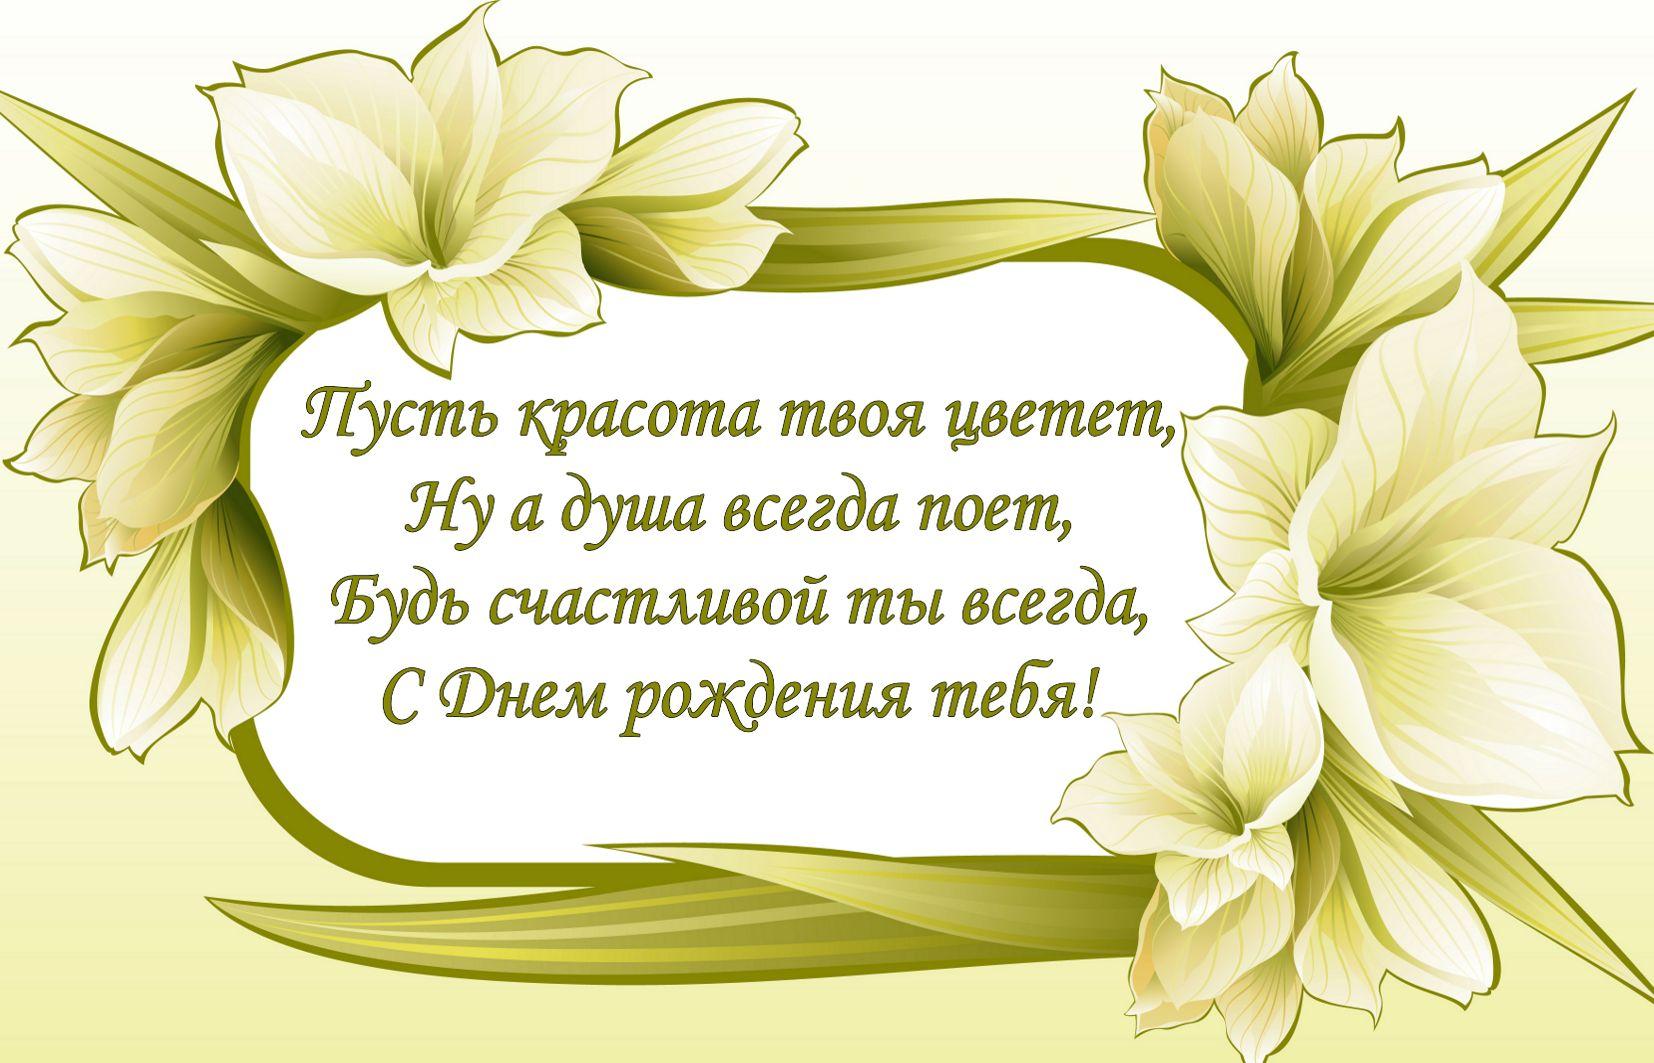 Красивые поздравления или пожелания